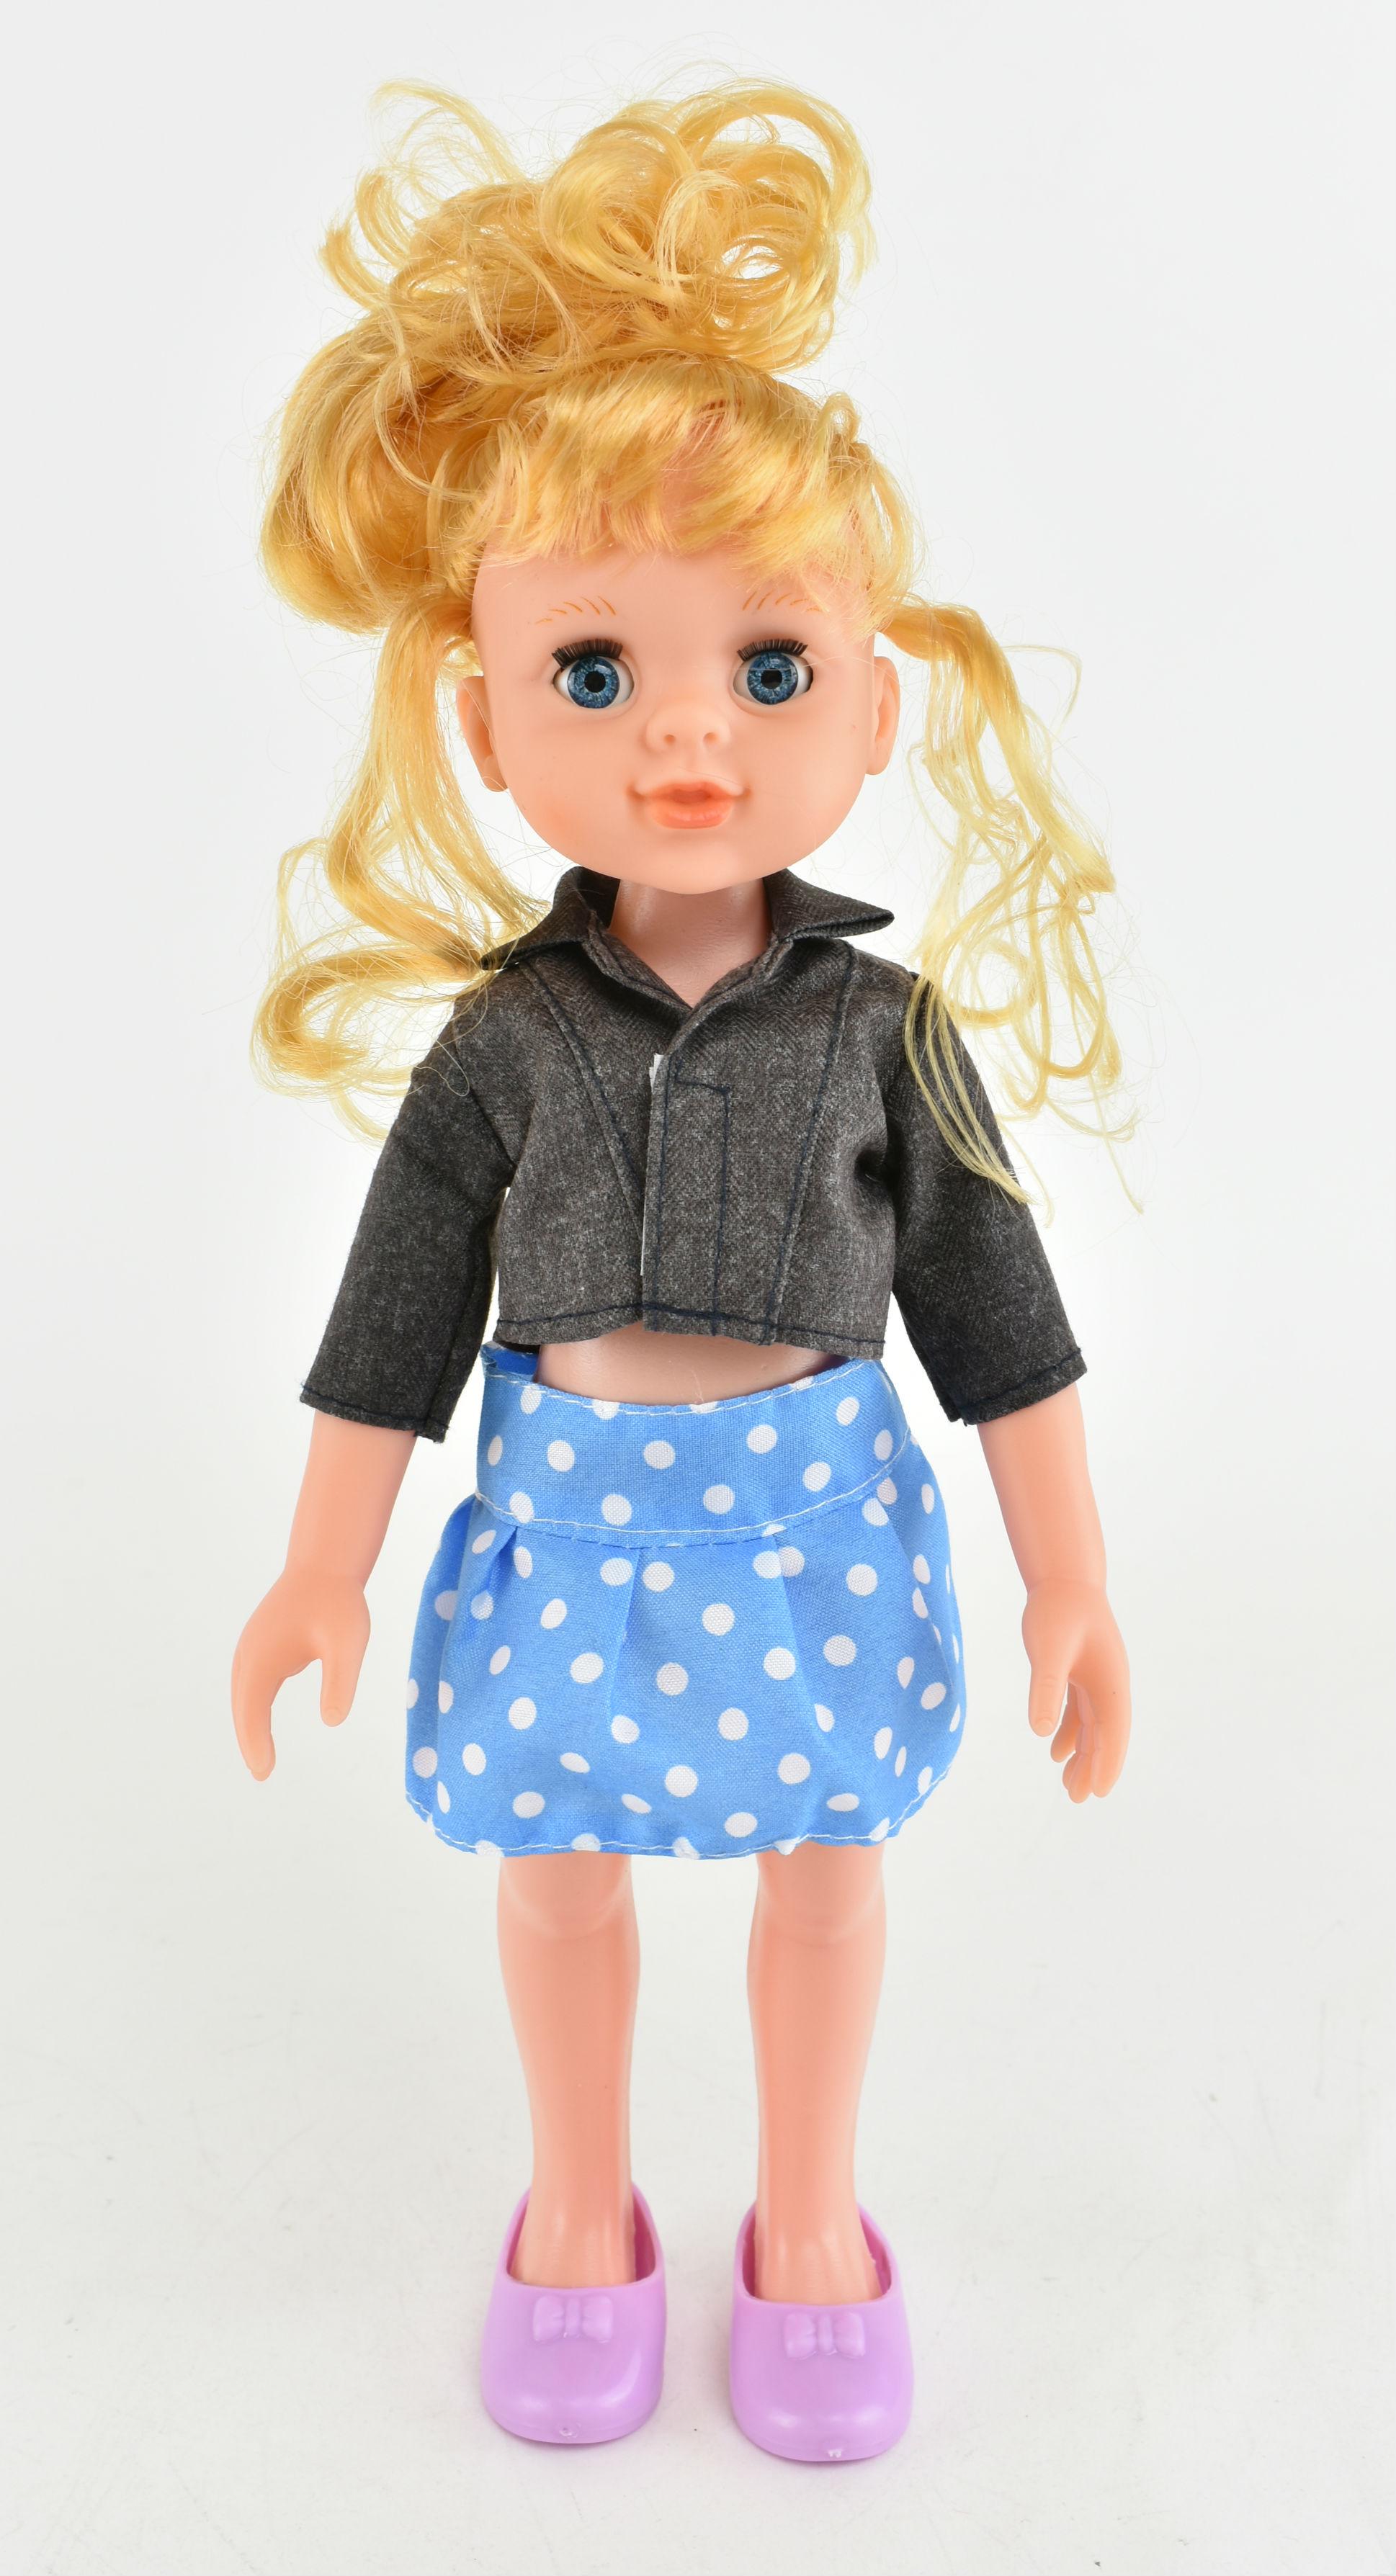 Купить РЫЖИЙ КОТ Кукла Радочка , 31 см [601-2], Рыжий кот, Черный, голубой, пластик, Текстиль, Китай, Куклы и пупсы